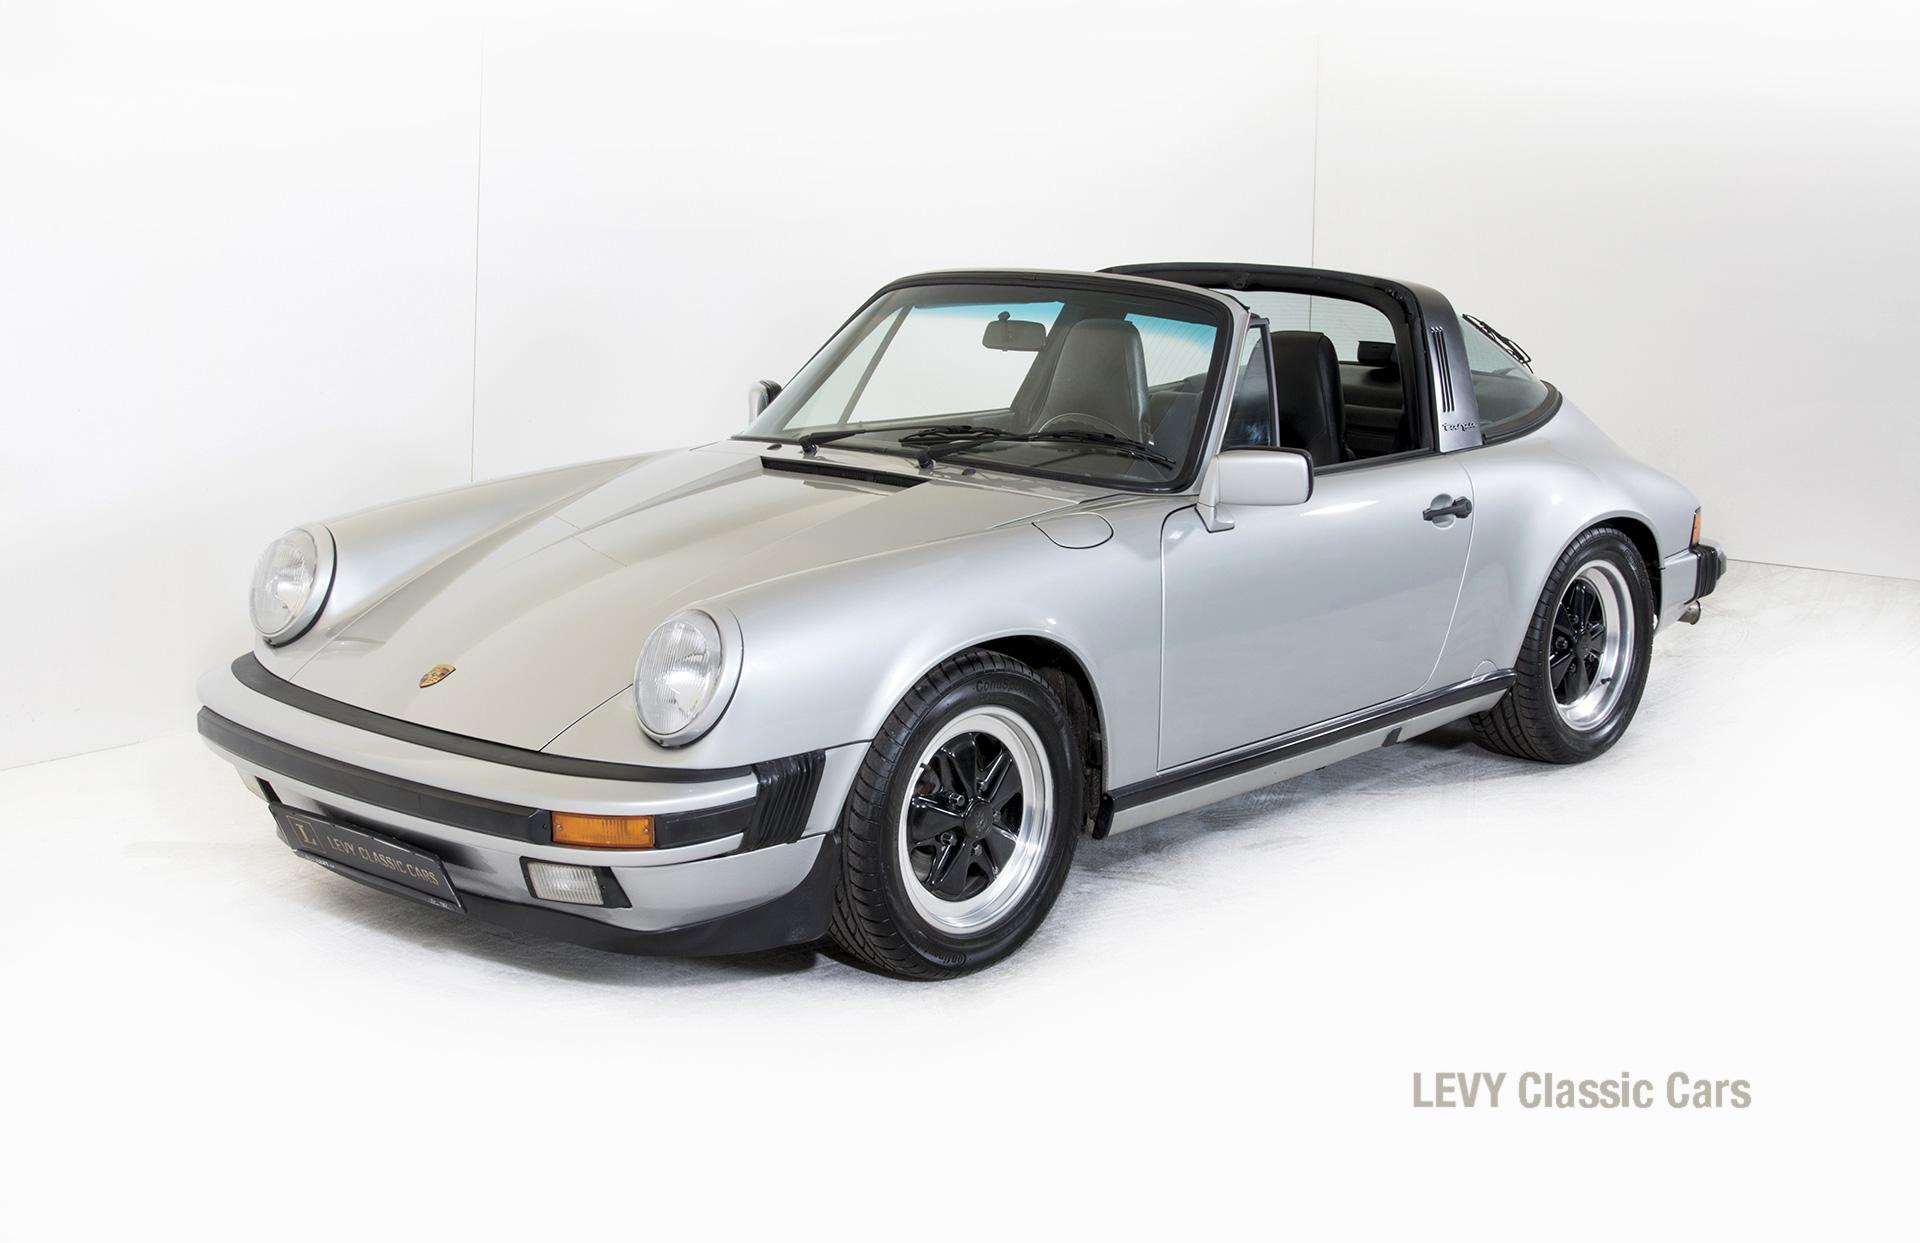 Porsche 911 silber Targa 60287 09_1